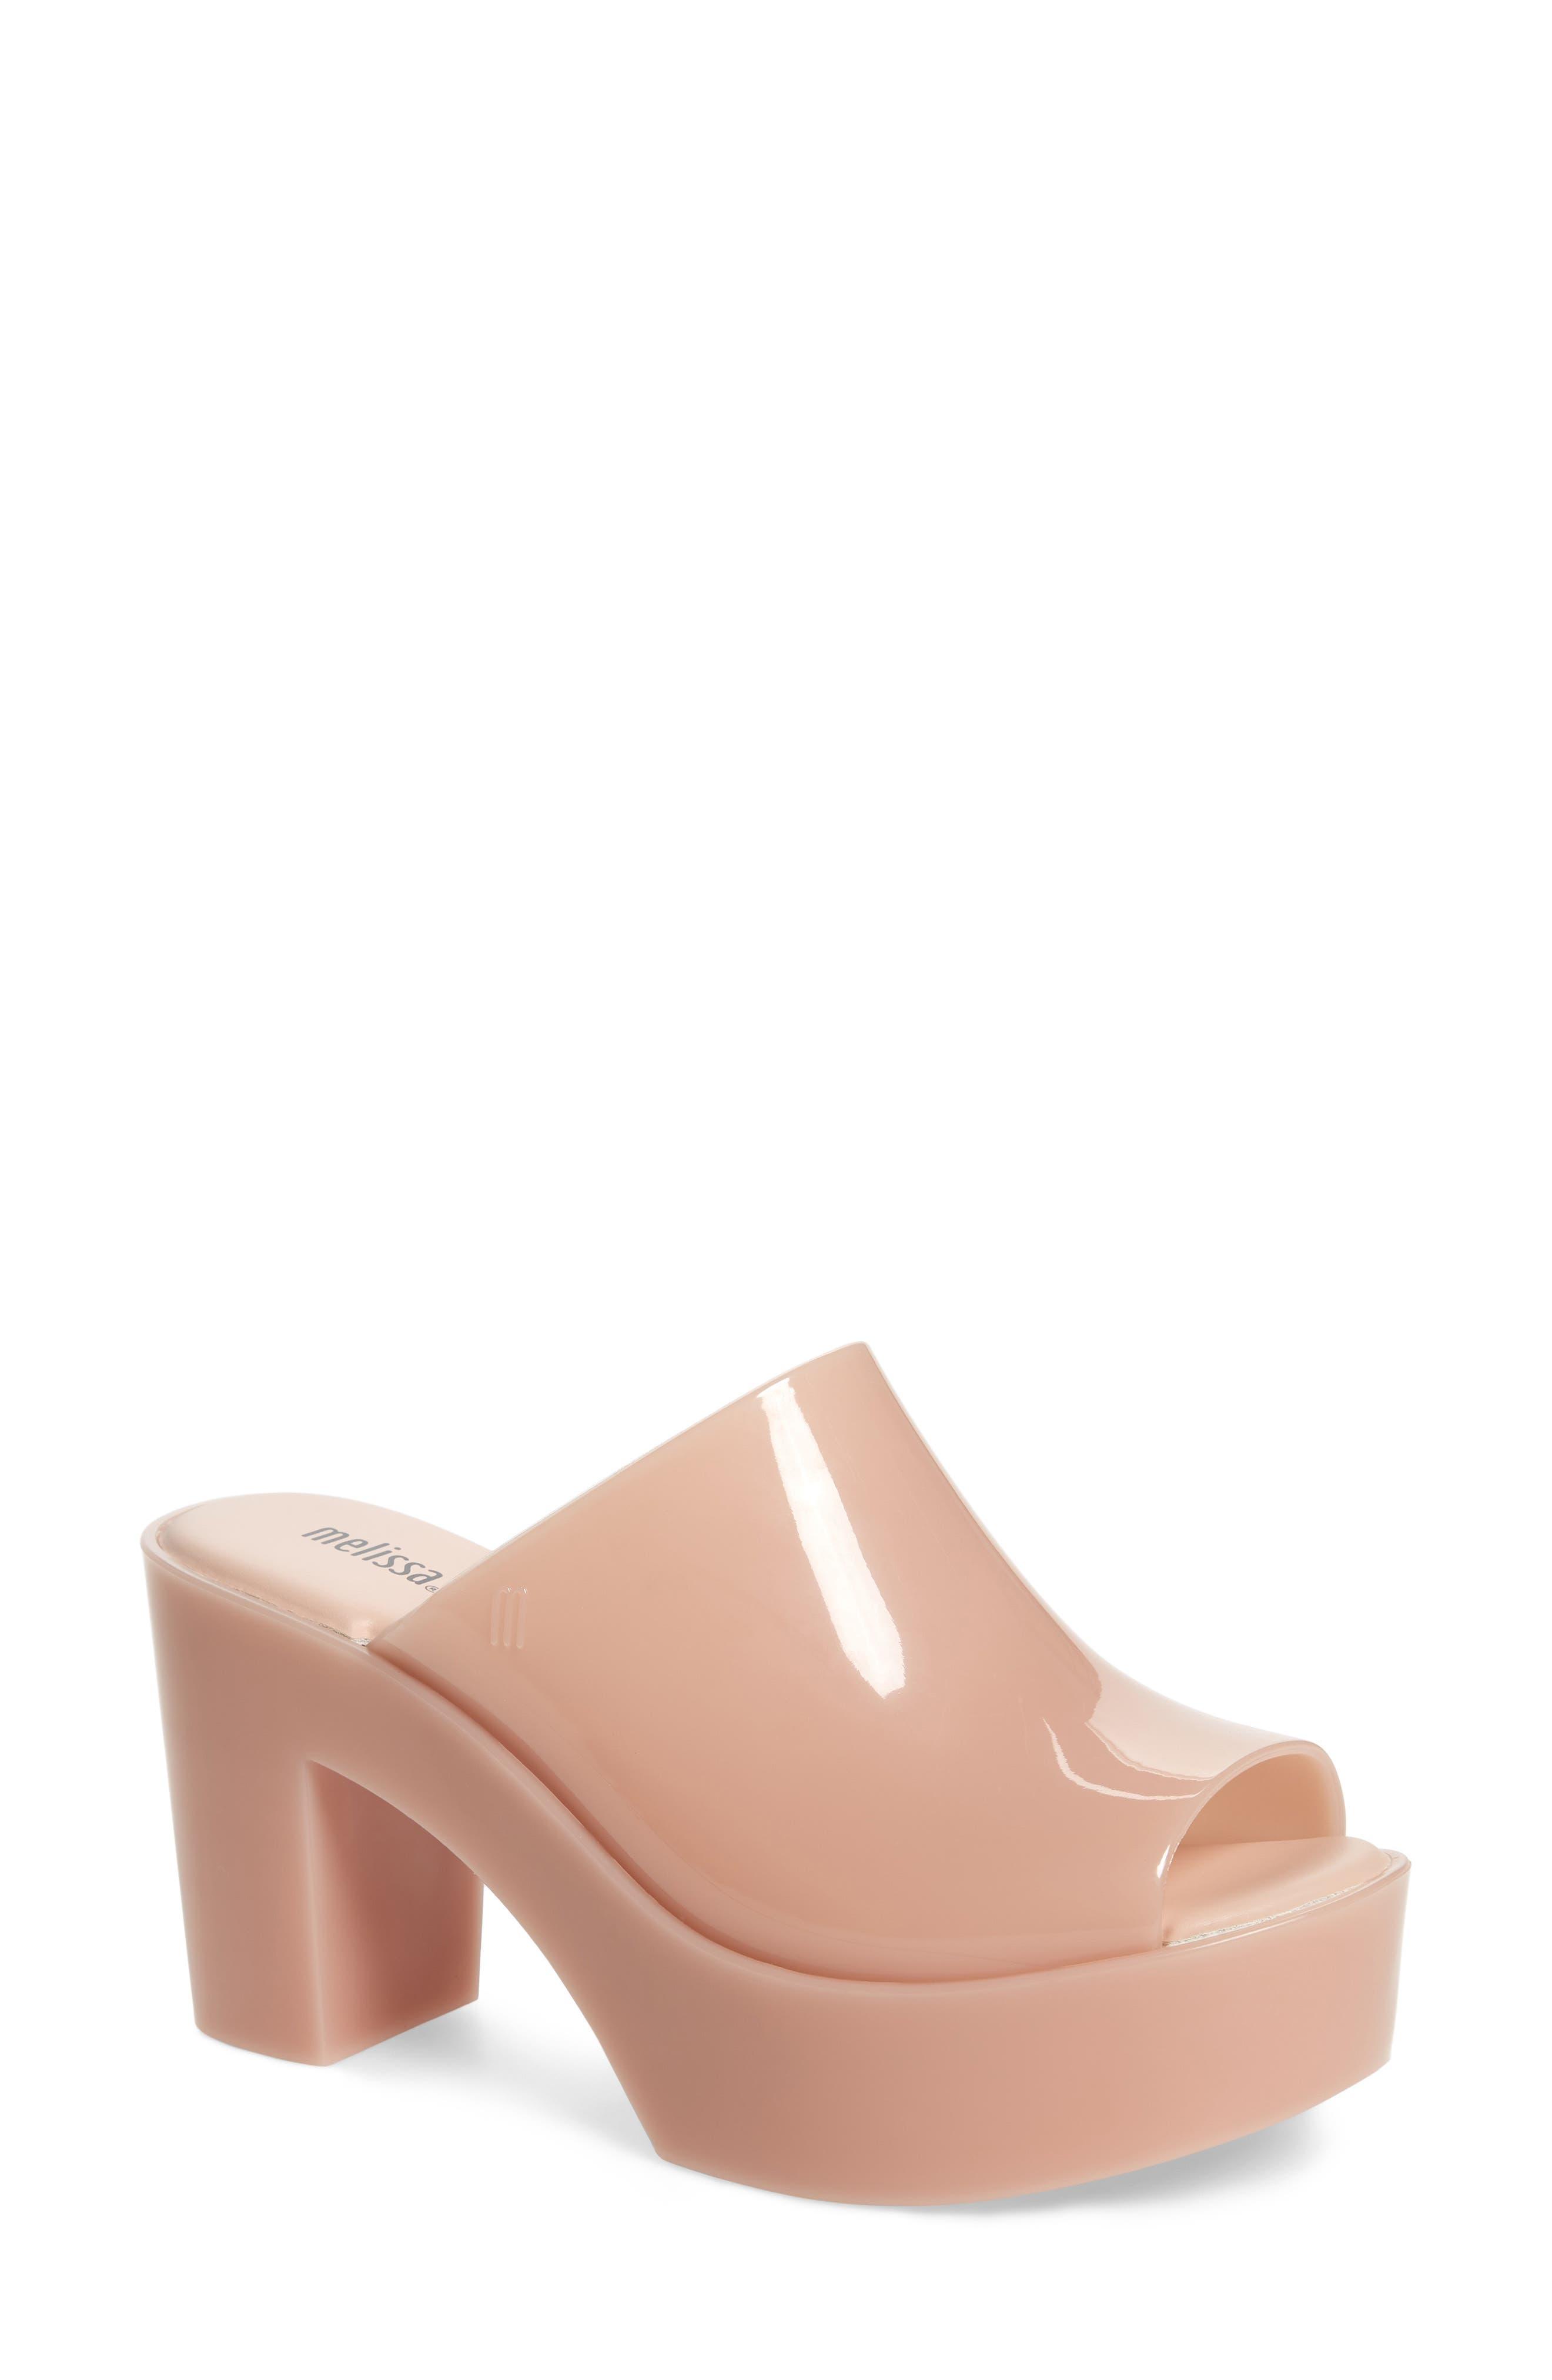 Open Toe Platform Mule in Light Pink